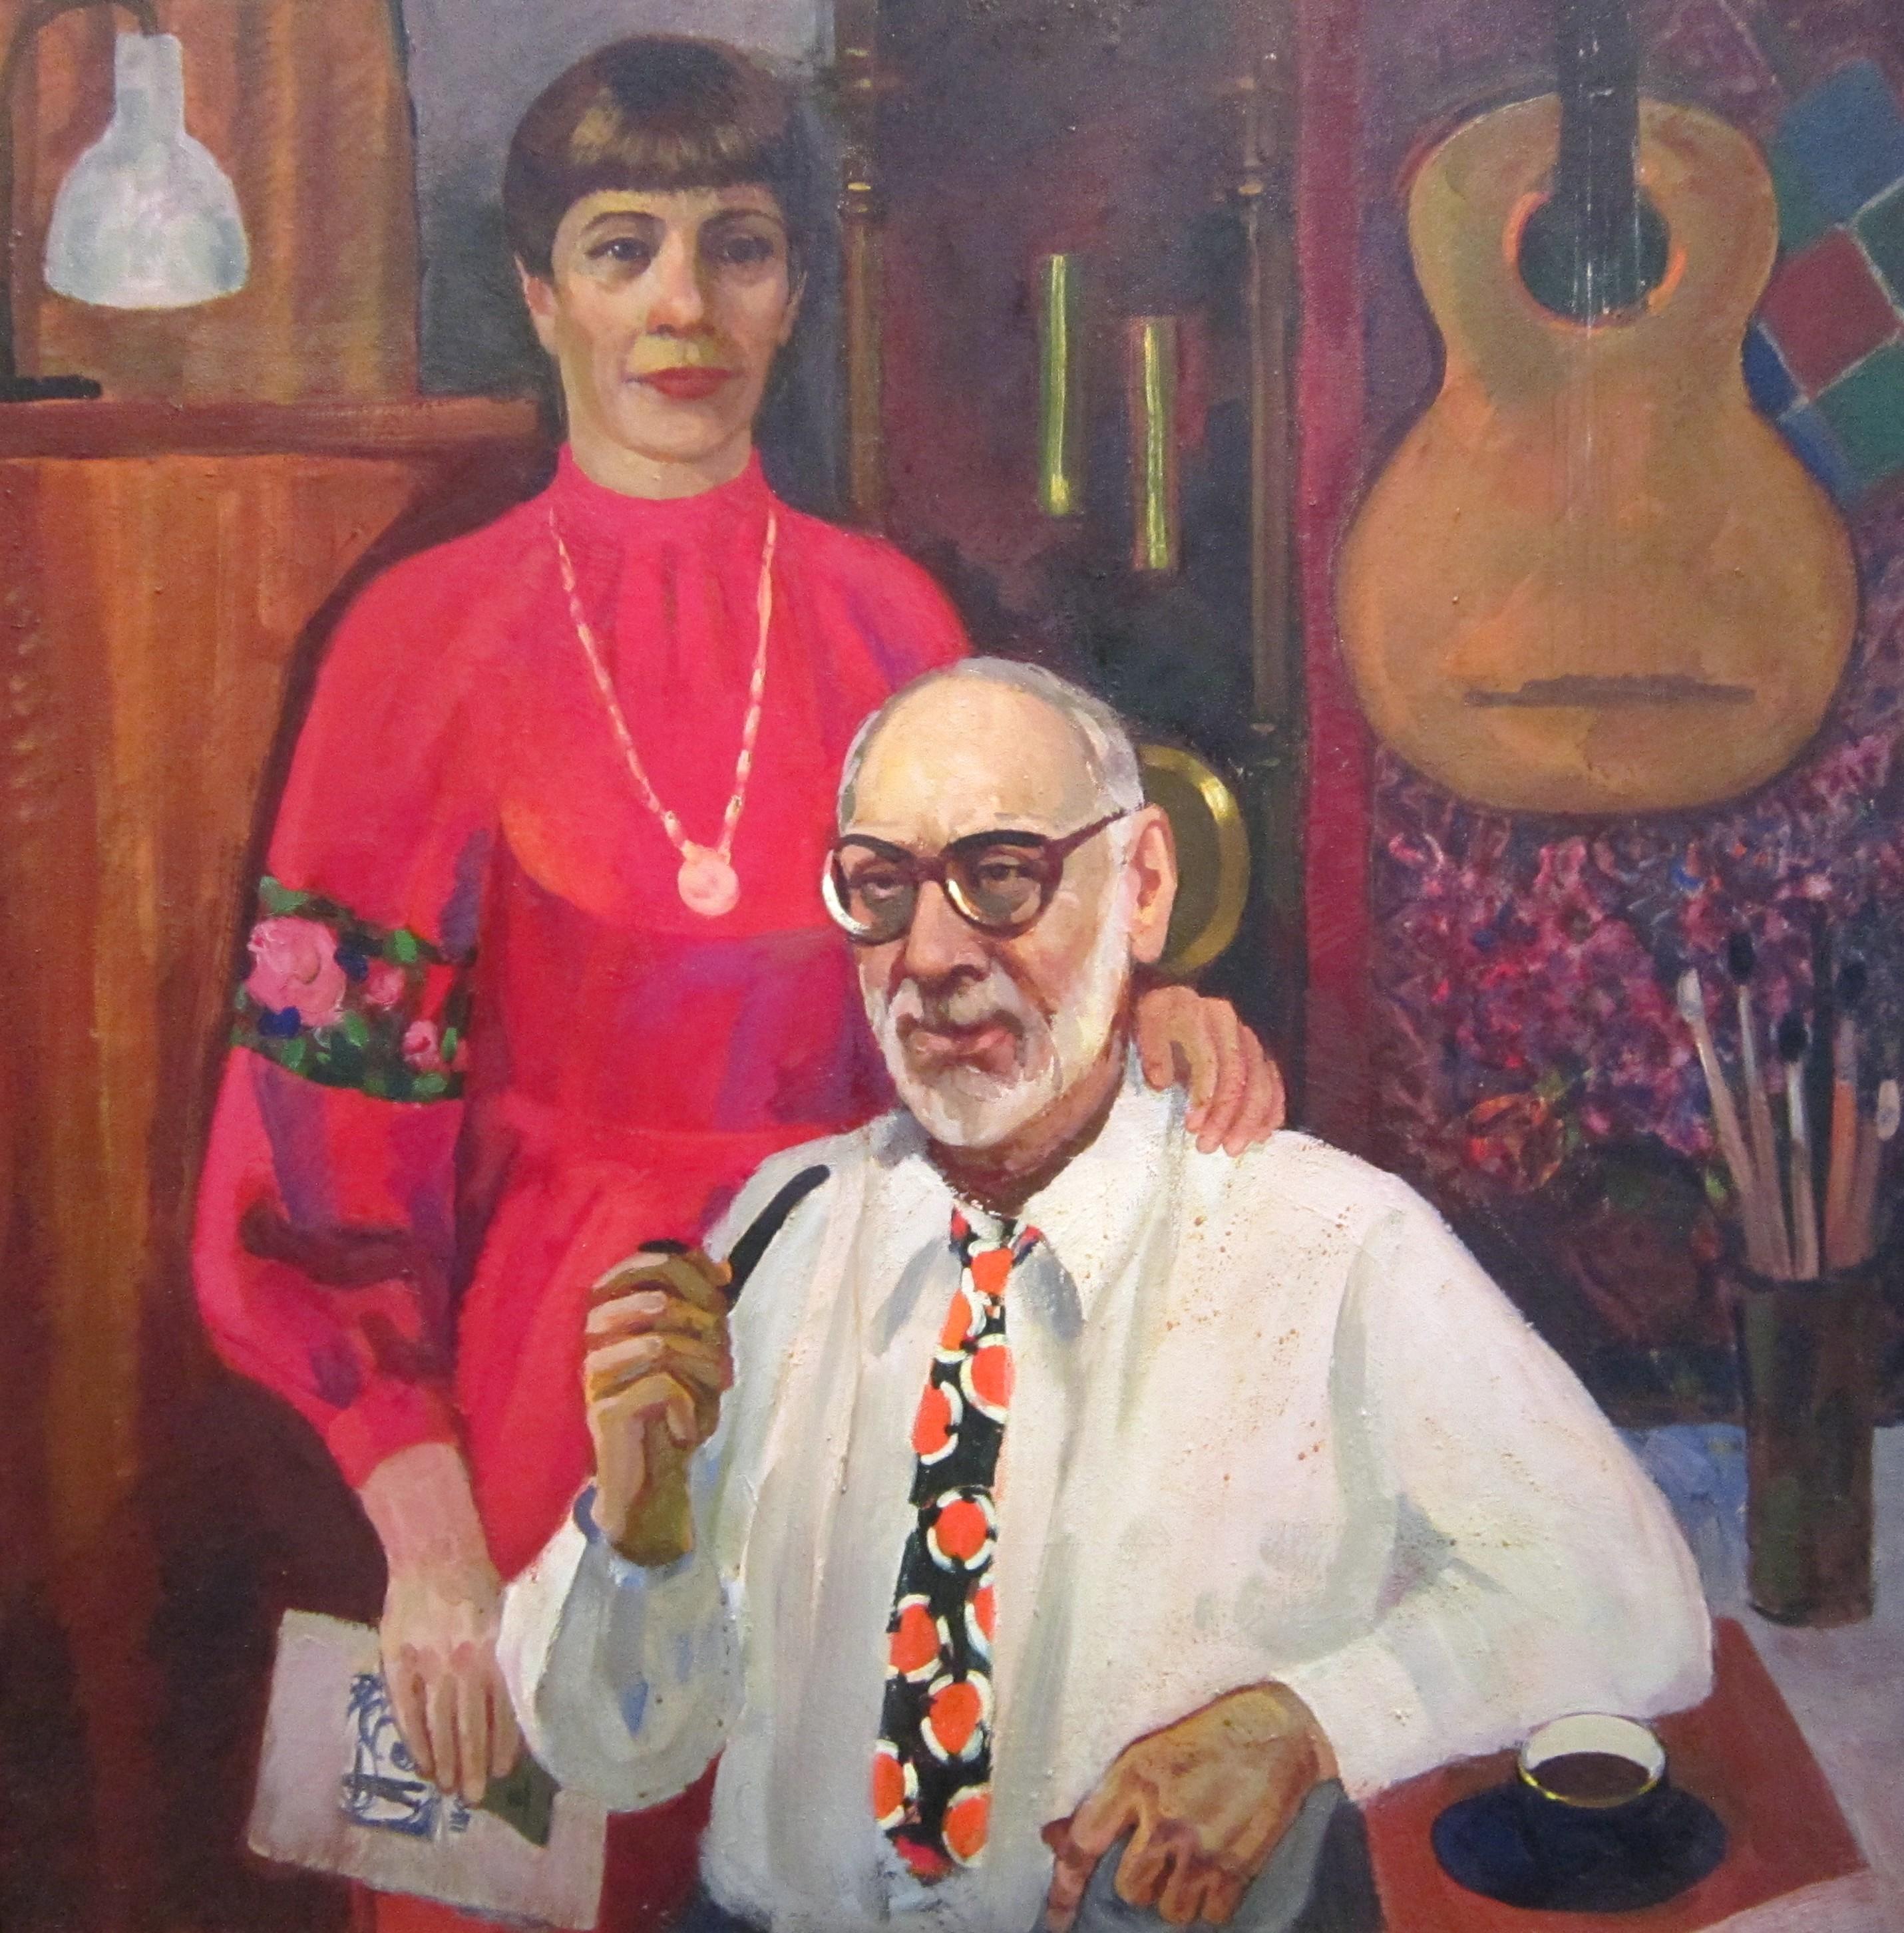 Людмила Савельевна Скопцова (1929-2005 гг.). Автопортрет с мужем. 1999 год.